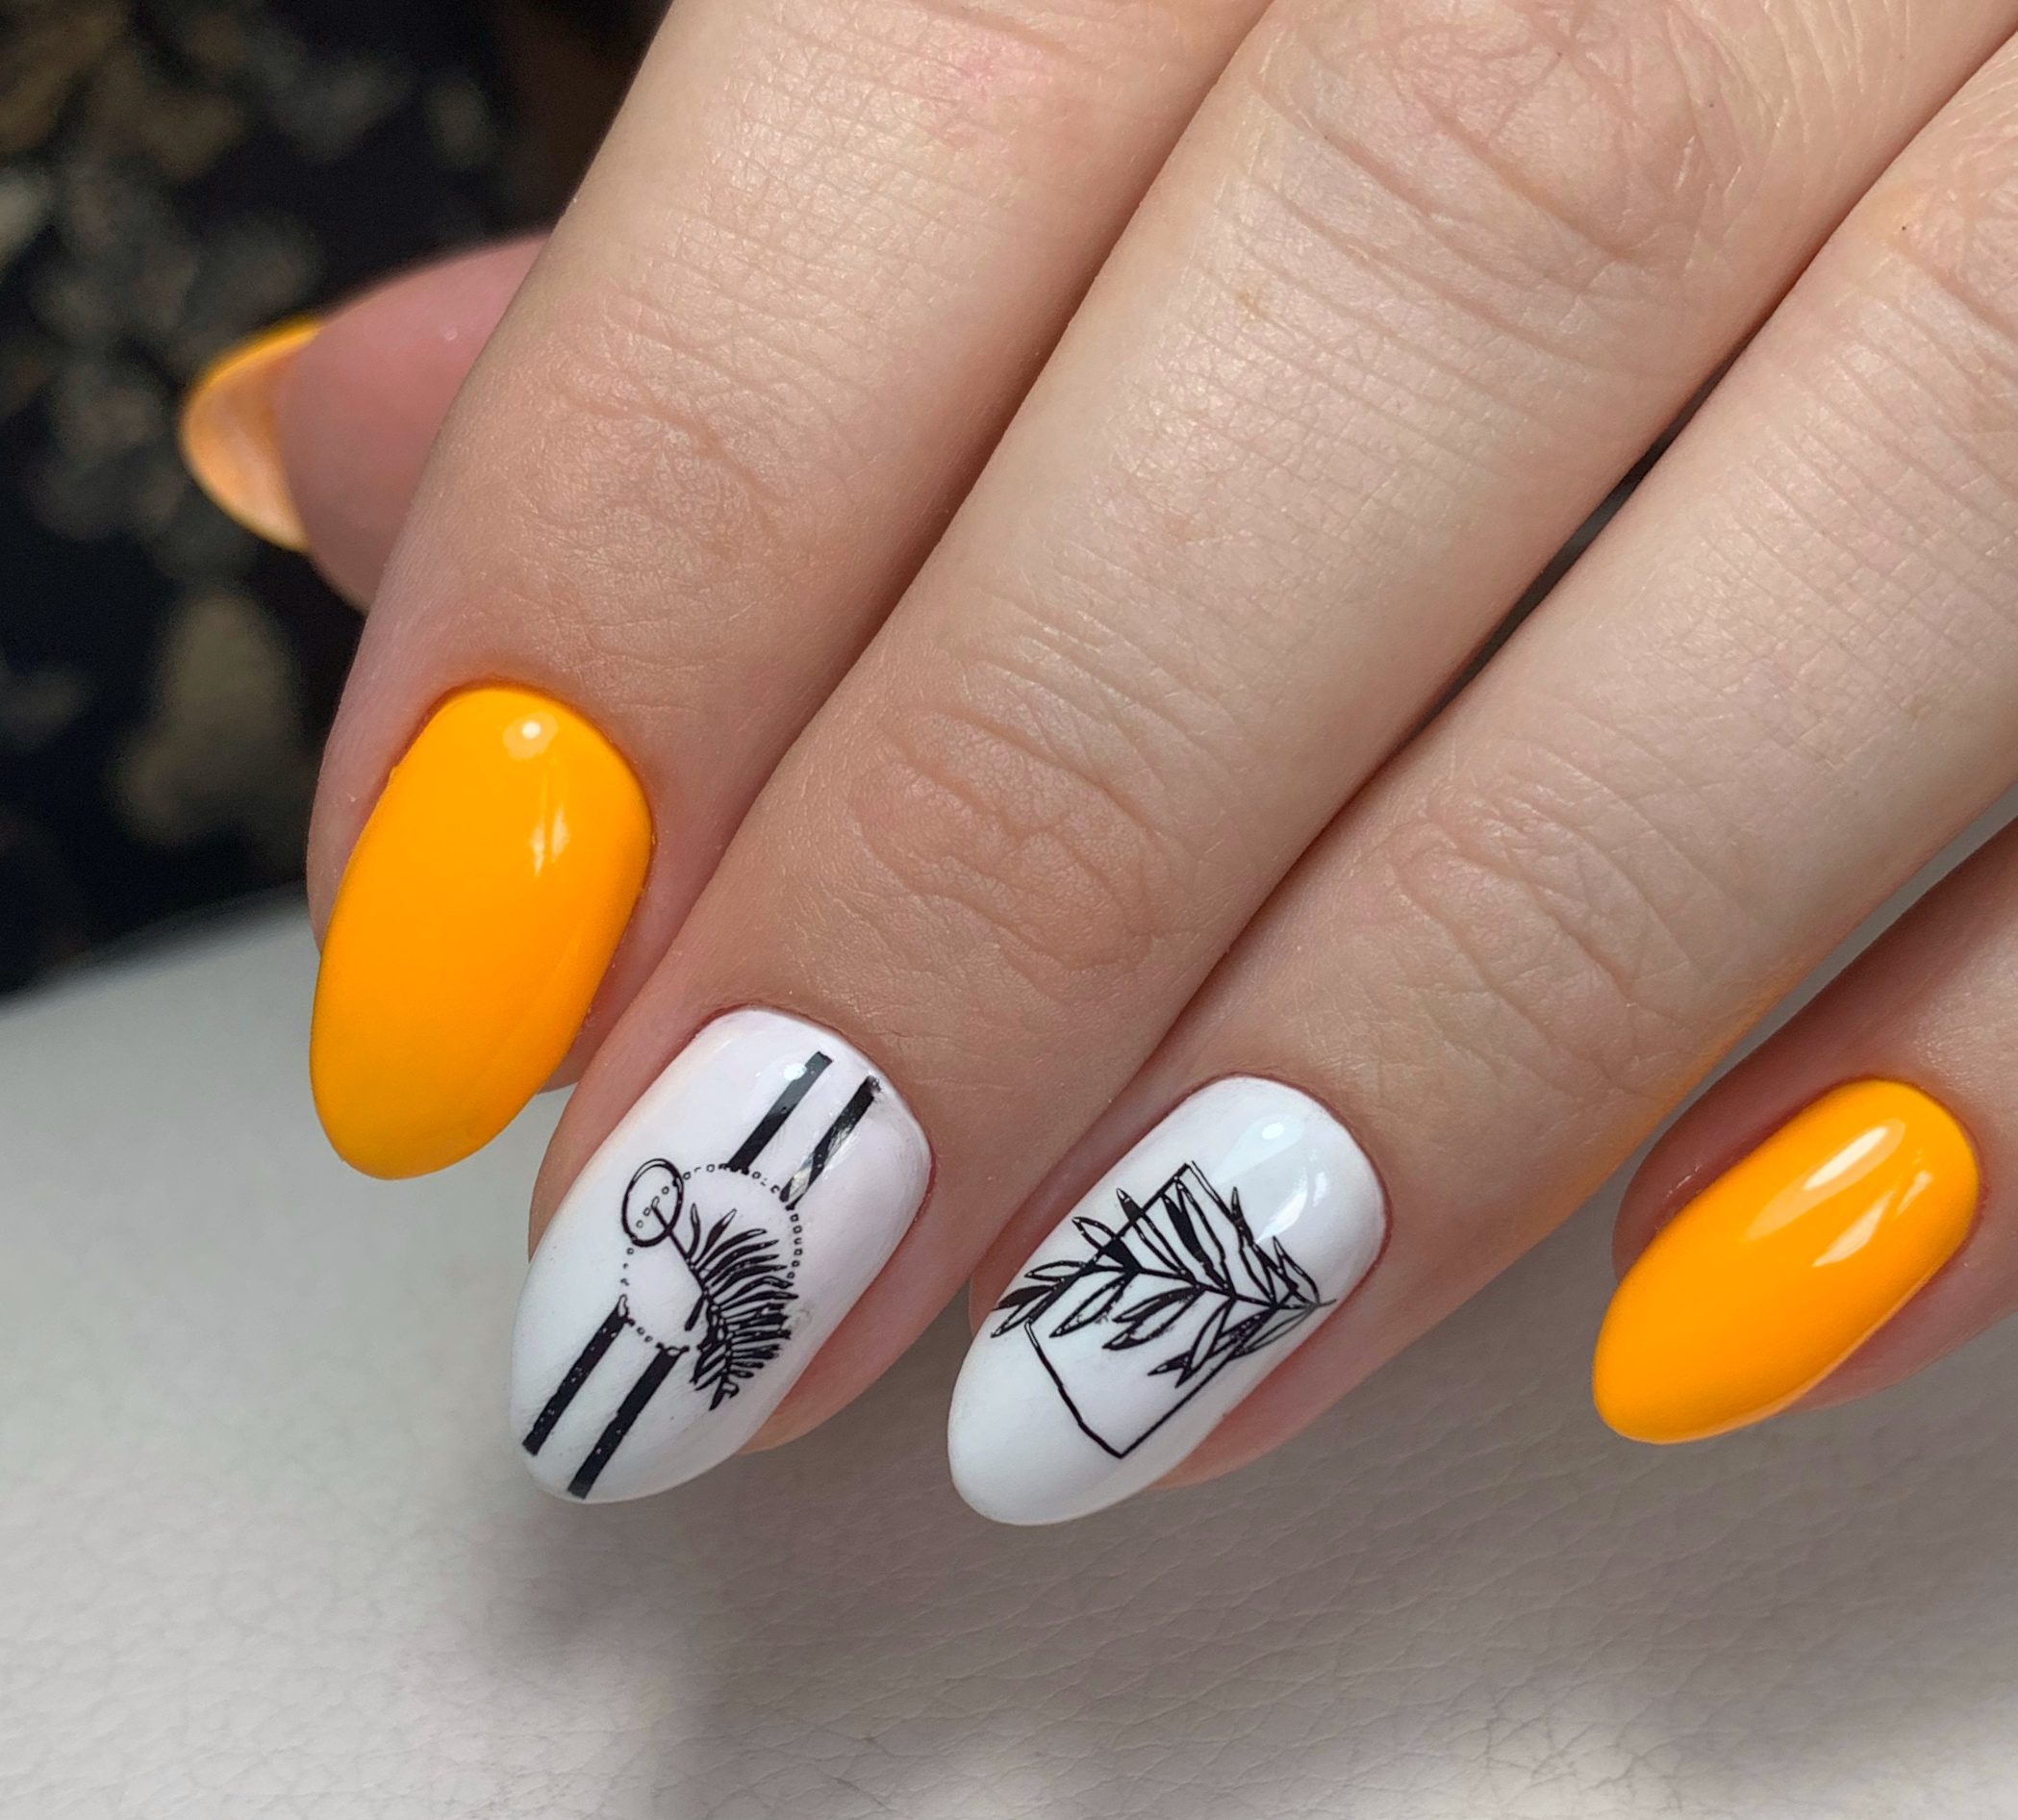 Летний маникюр с растительными слайдерами в оранжевом цвете.